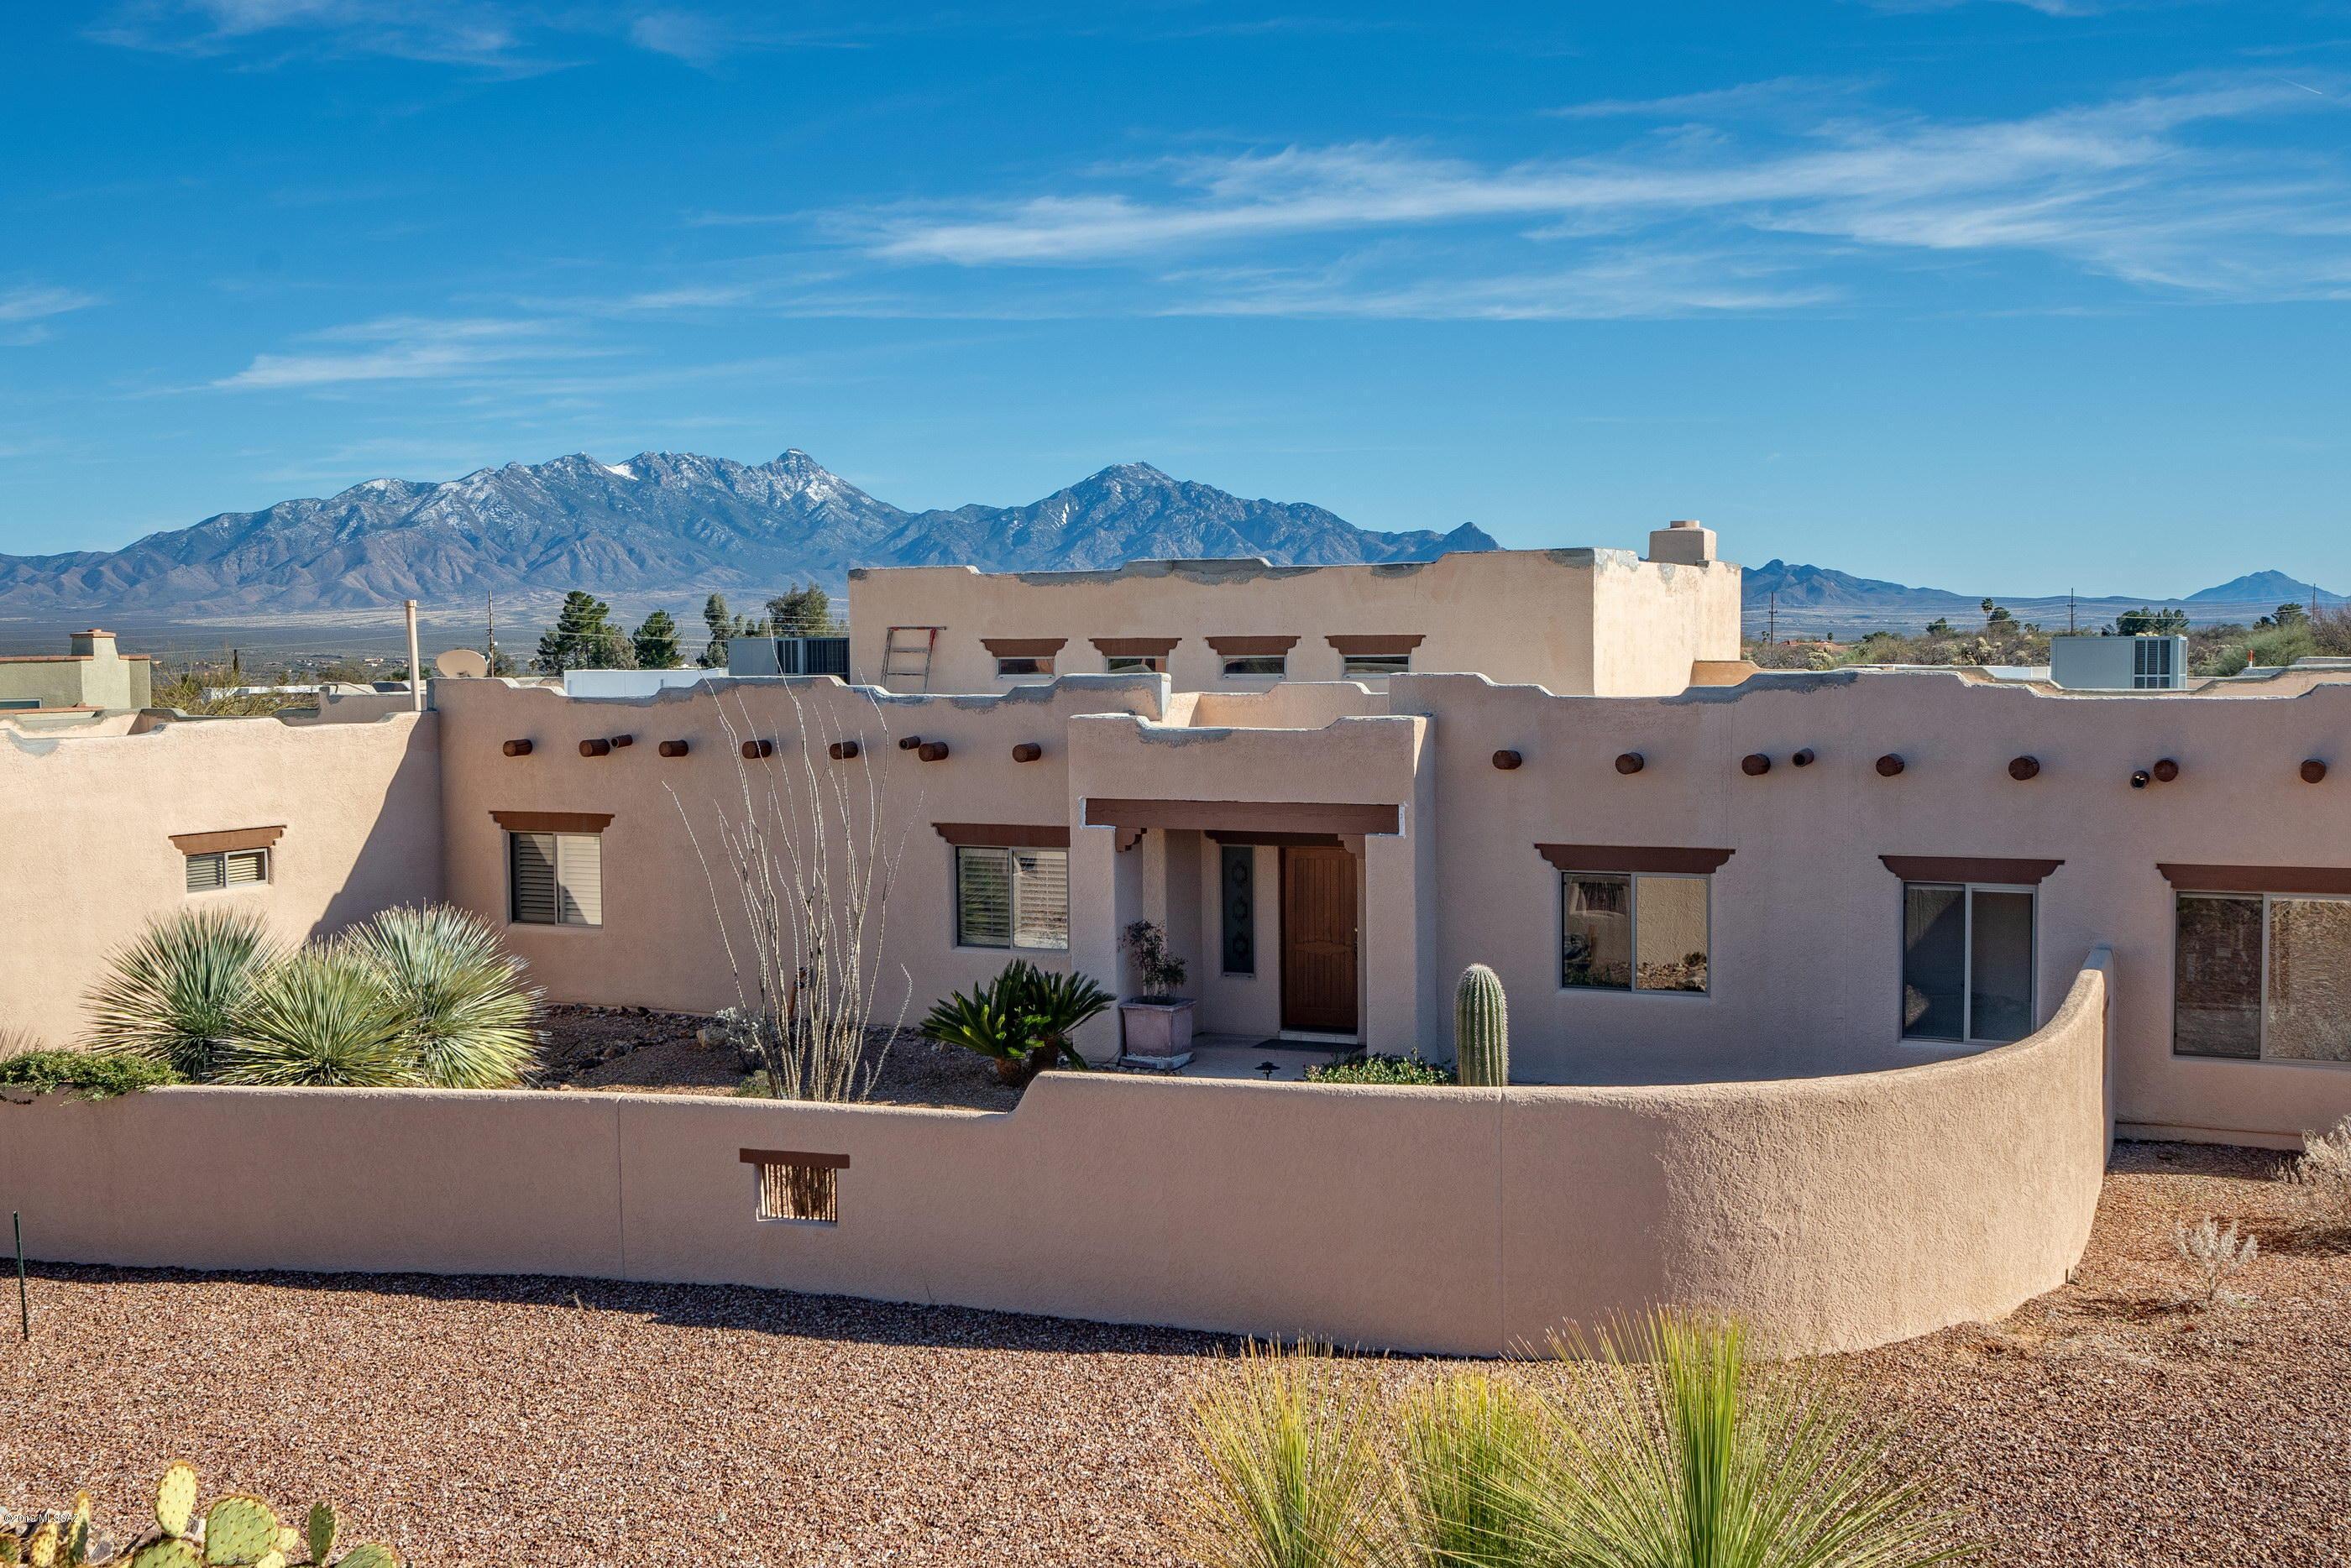 Photo of 959 S Paseo de la Lira, Green Valley, AZ 85614